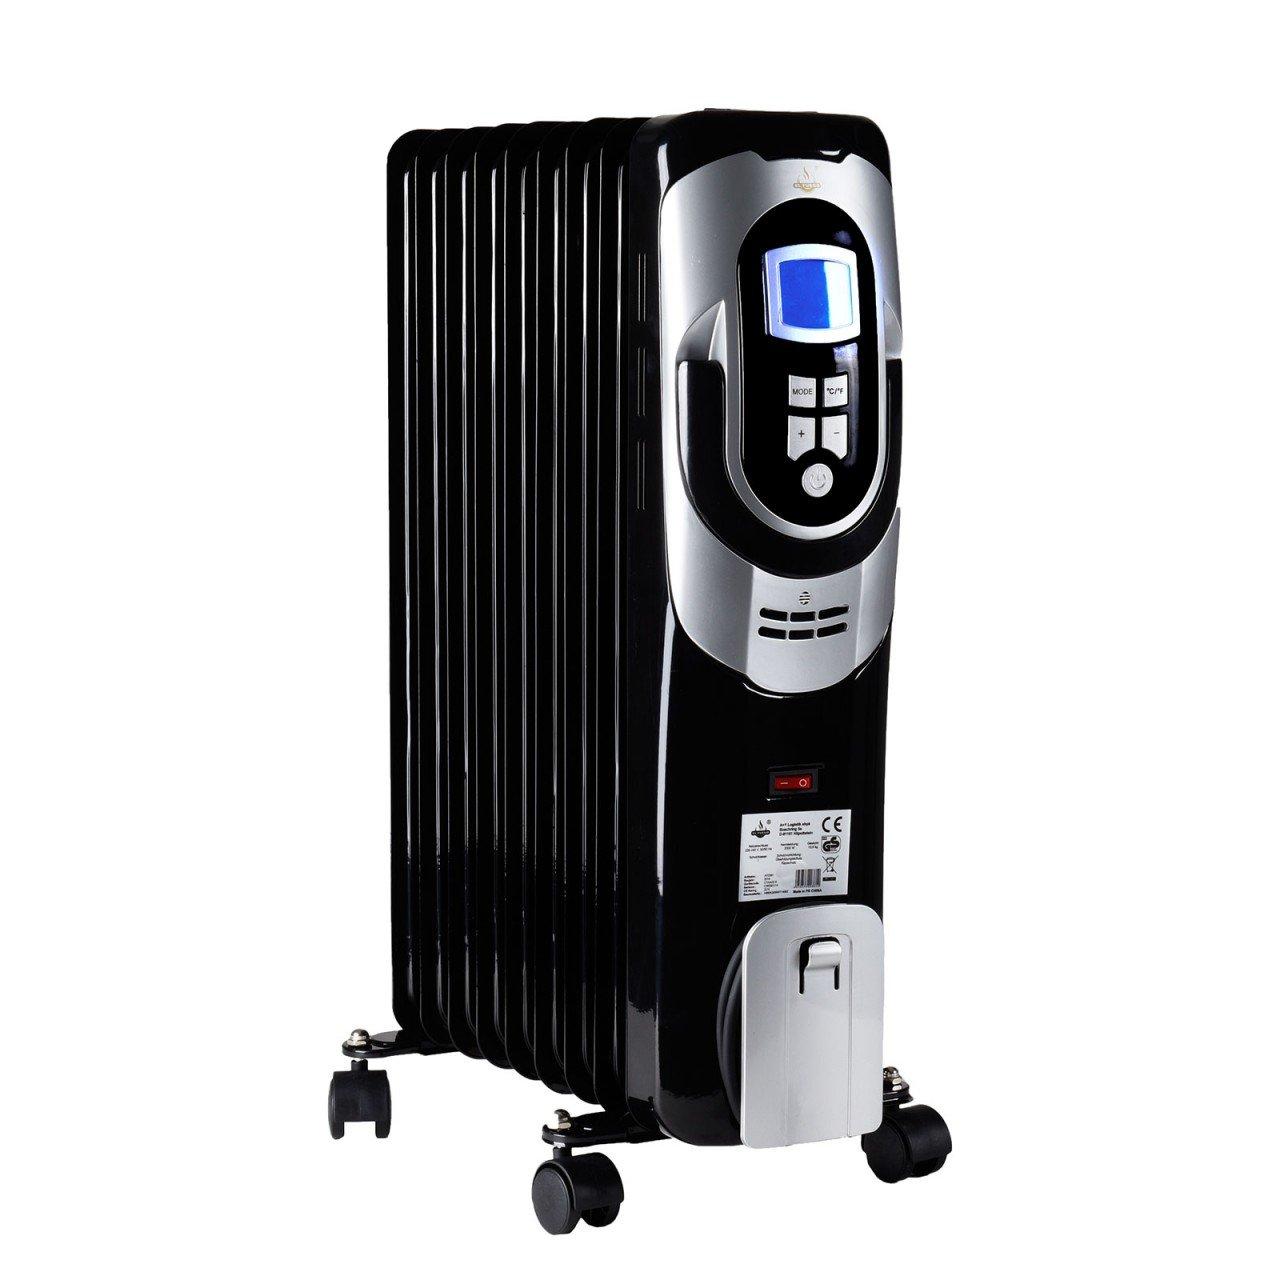 Móvil Radiador Eléctrico calefactor 3 niveles de calor 2000 W con pantalla LCD 9 costillas el Fuego: Amazon.es: Bricolaje y herramientas